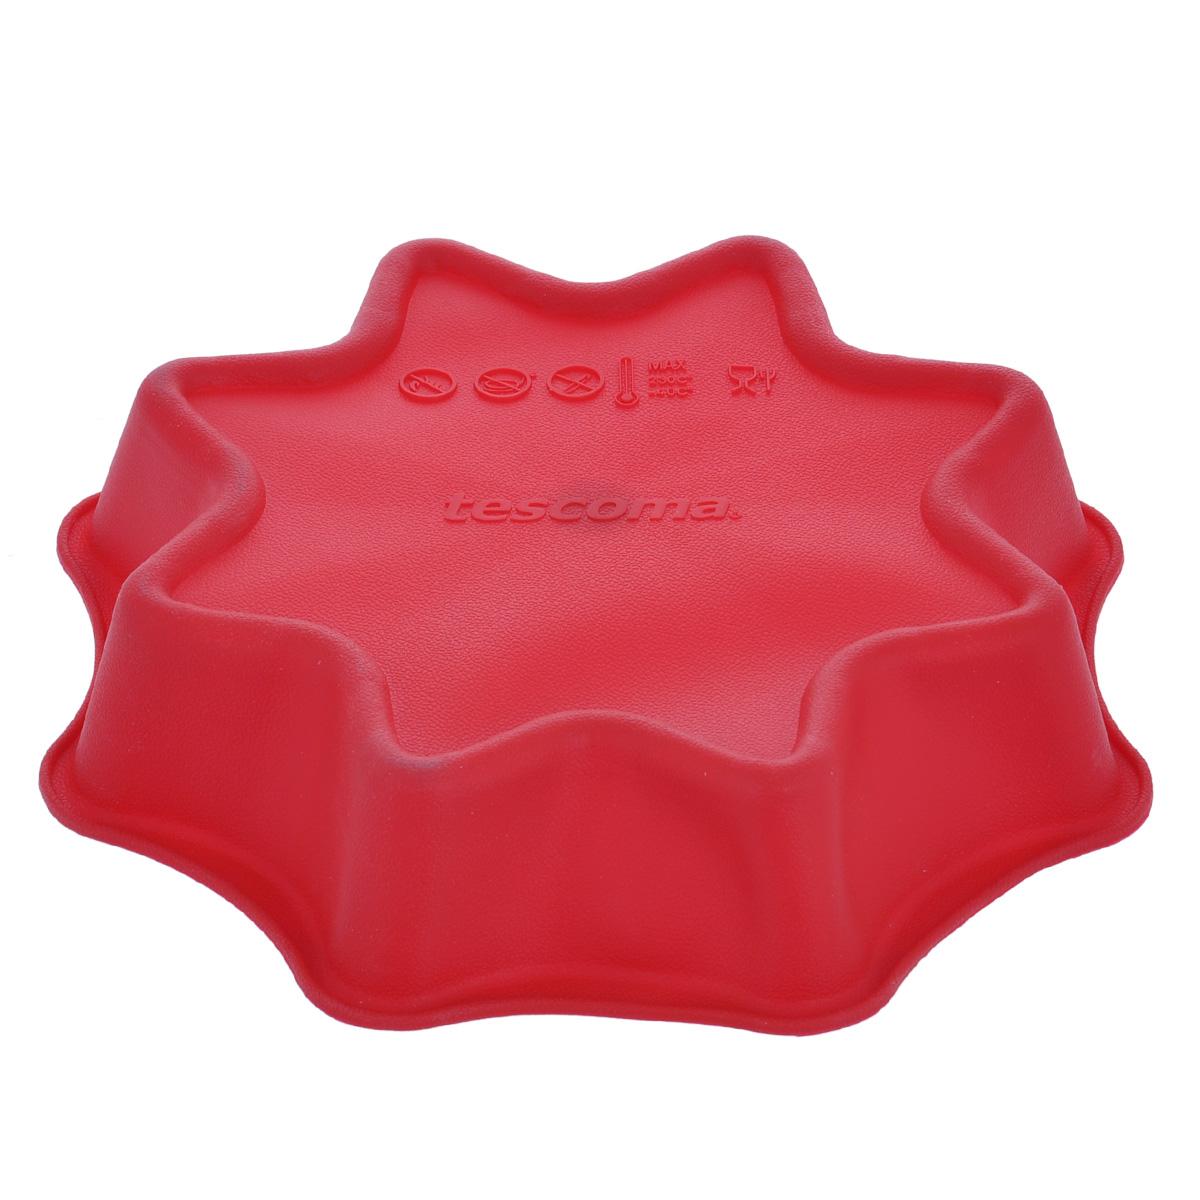 """Форма для выпечки Tescoma """"Delicia Silicone"""", цвет: красный, диаметр 28 см"""